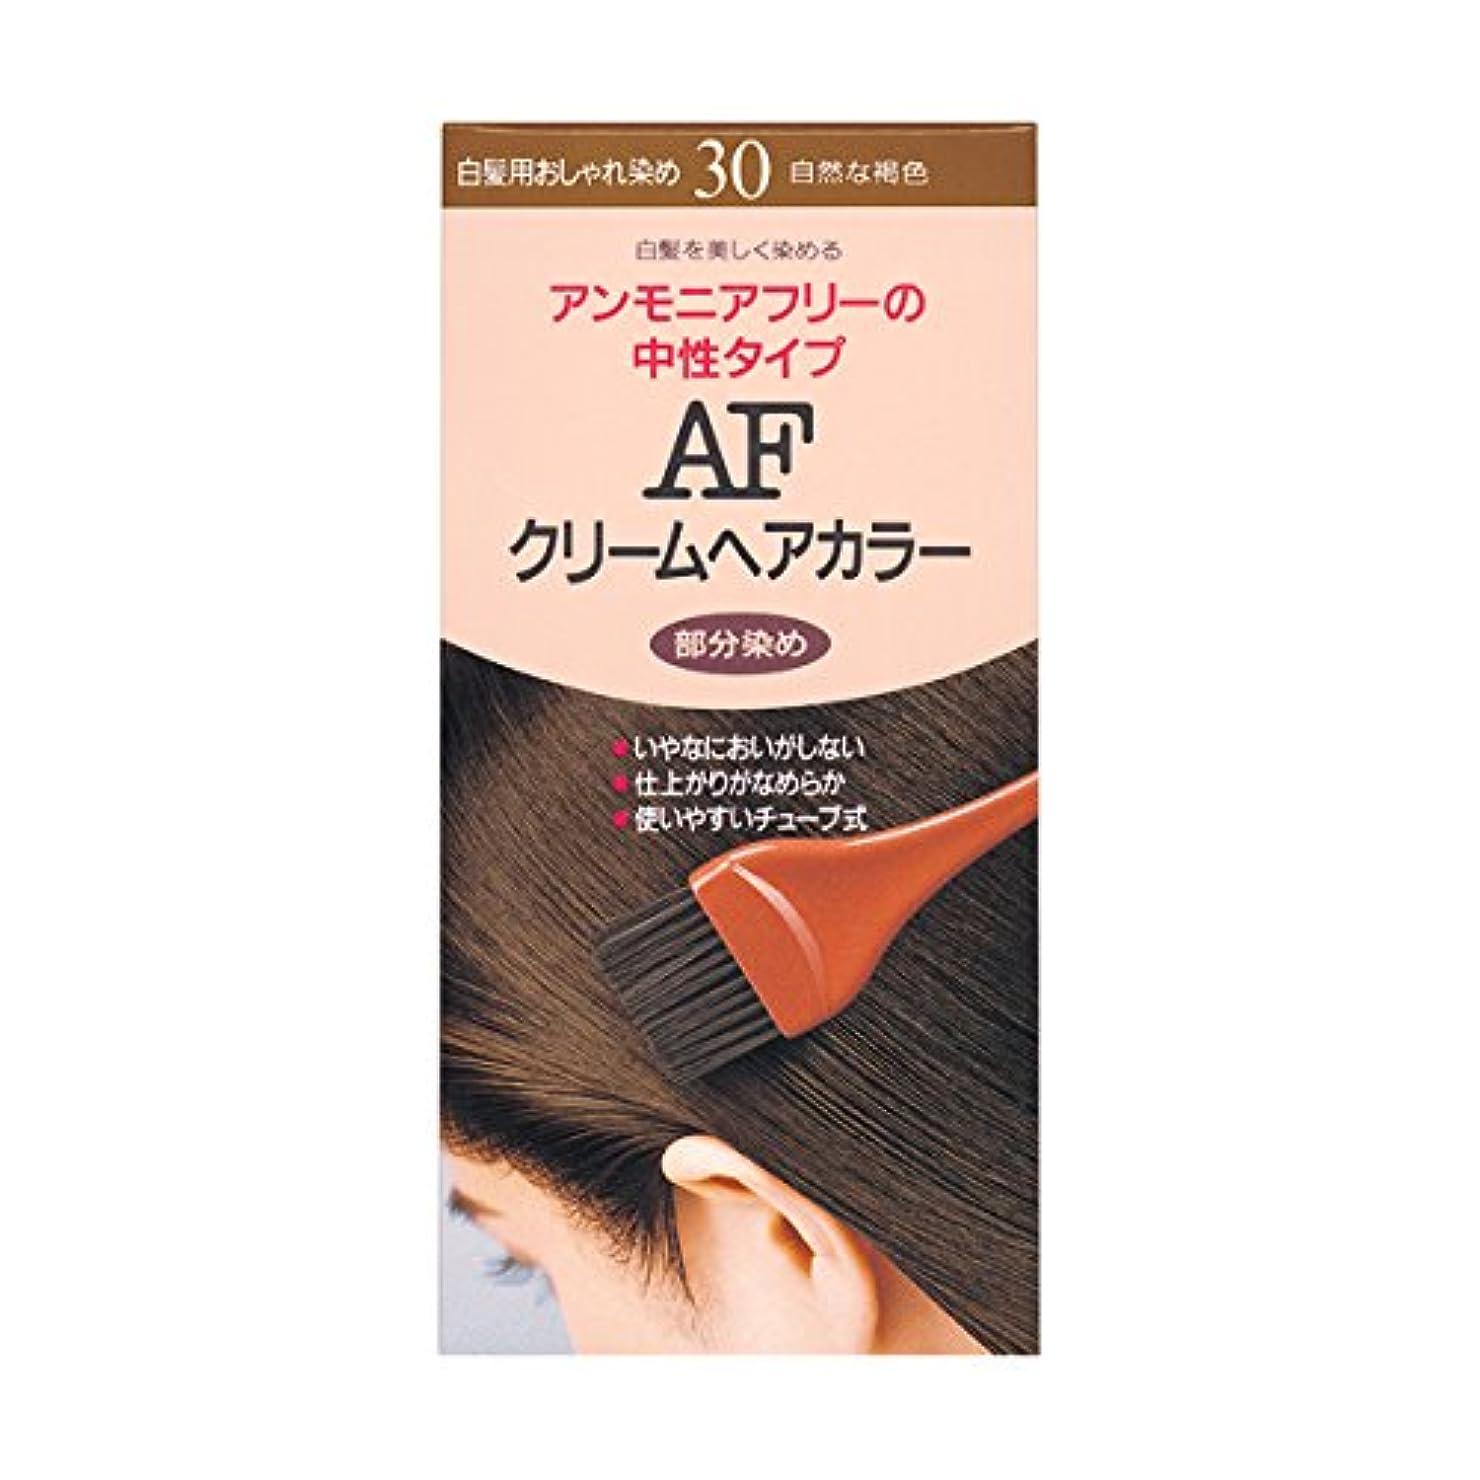 美しい含意対称ヘアカラー AFクリームヘアカラー 30 【医薬部外品】